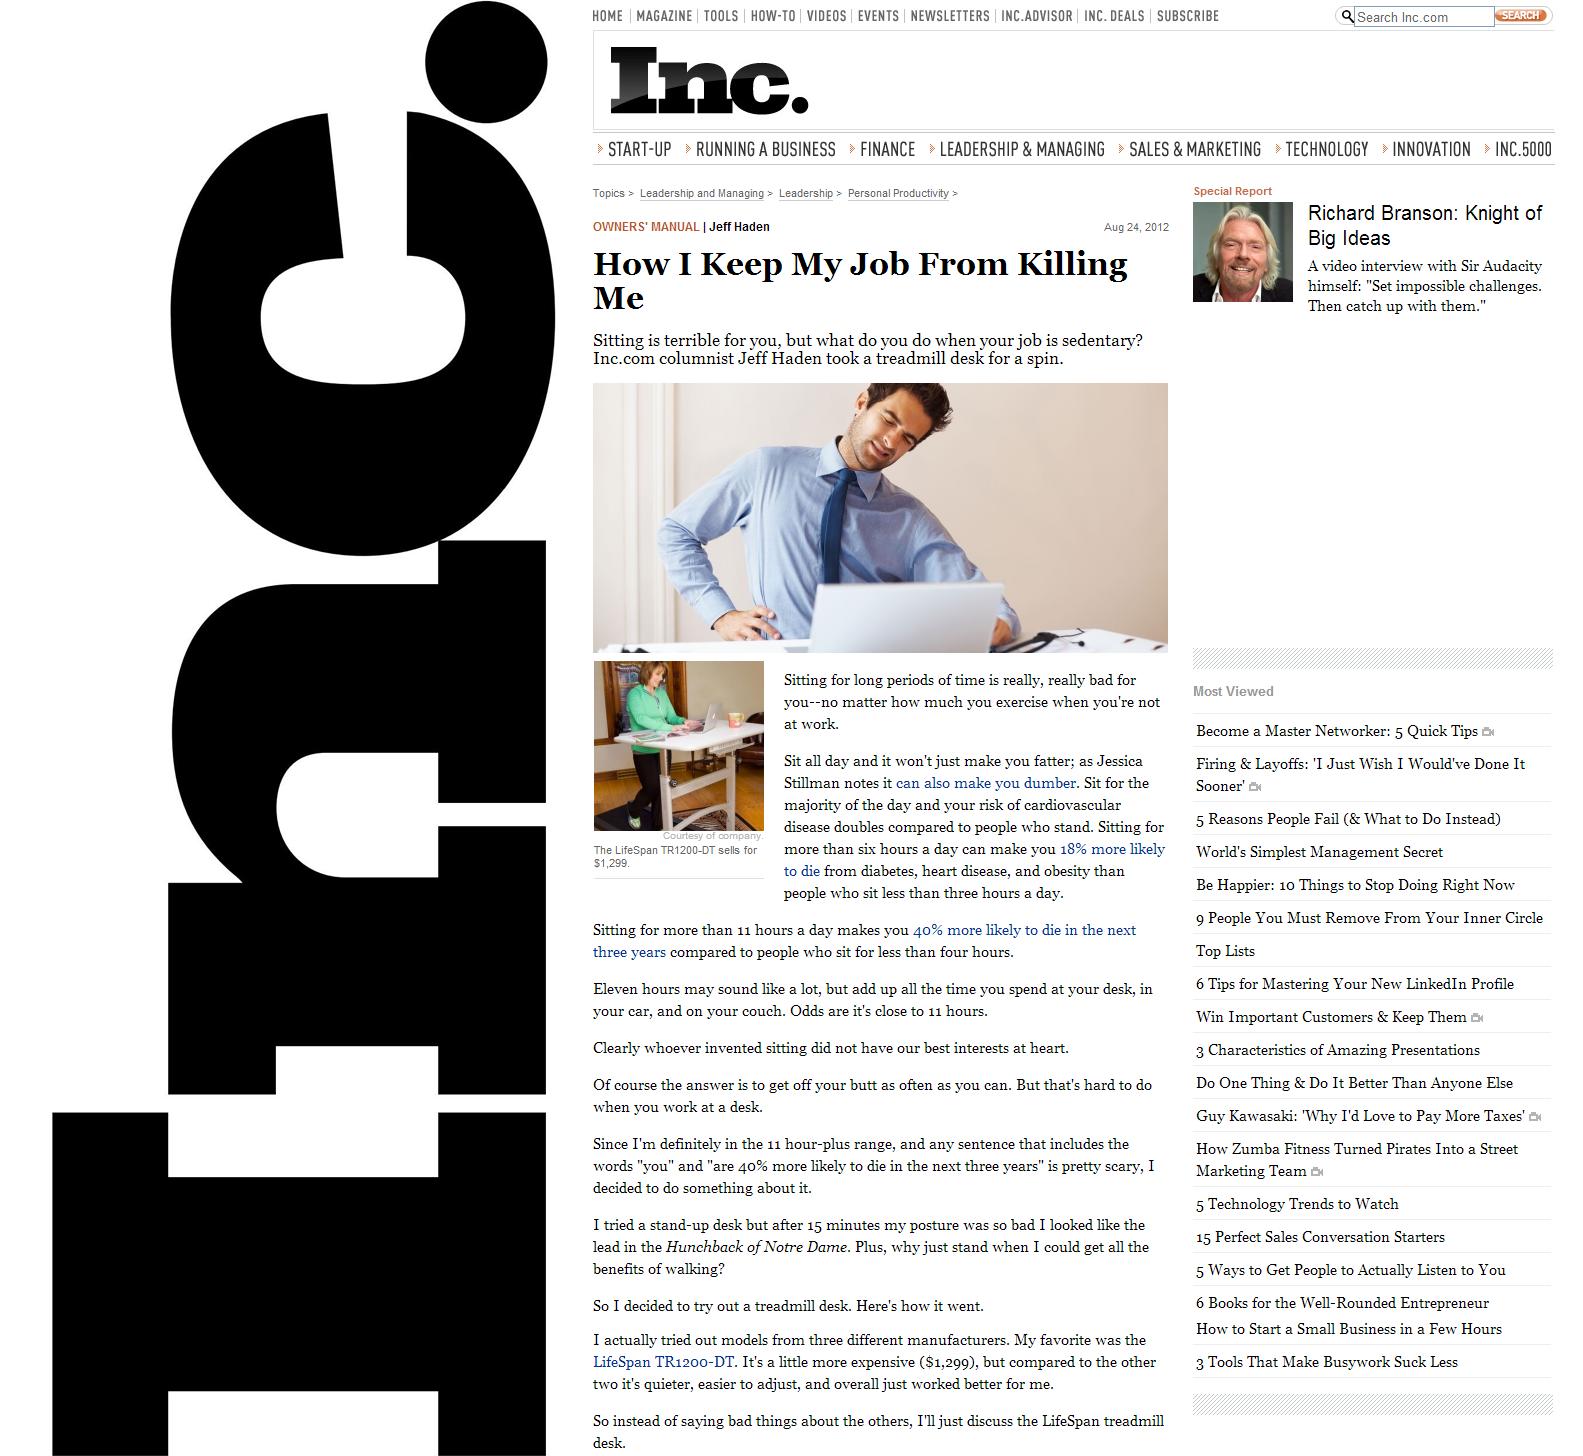 (Inc.) inc.com_LifeSpan Treadmill Desk